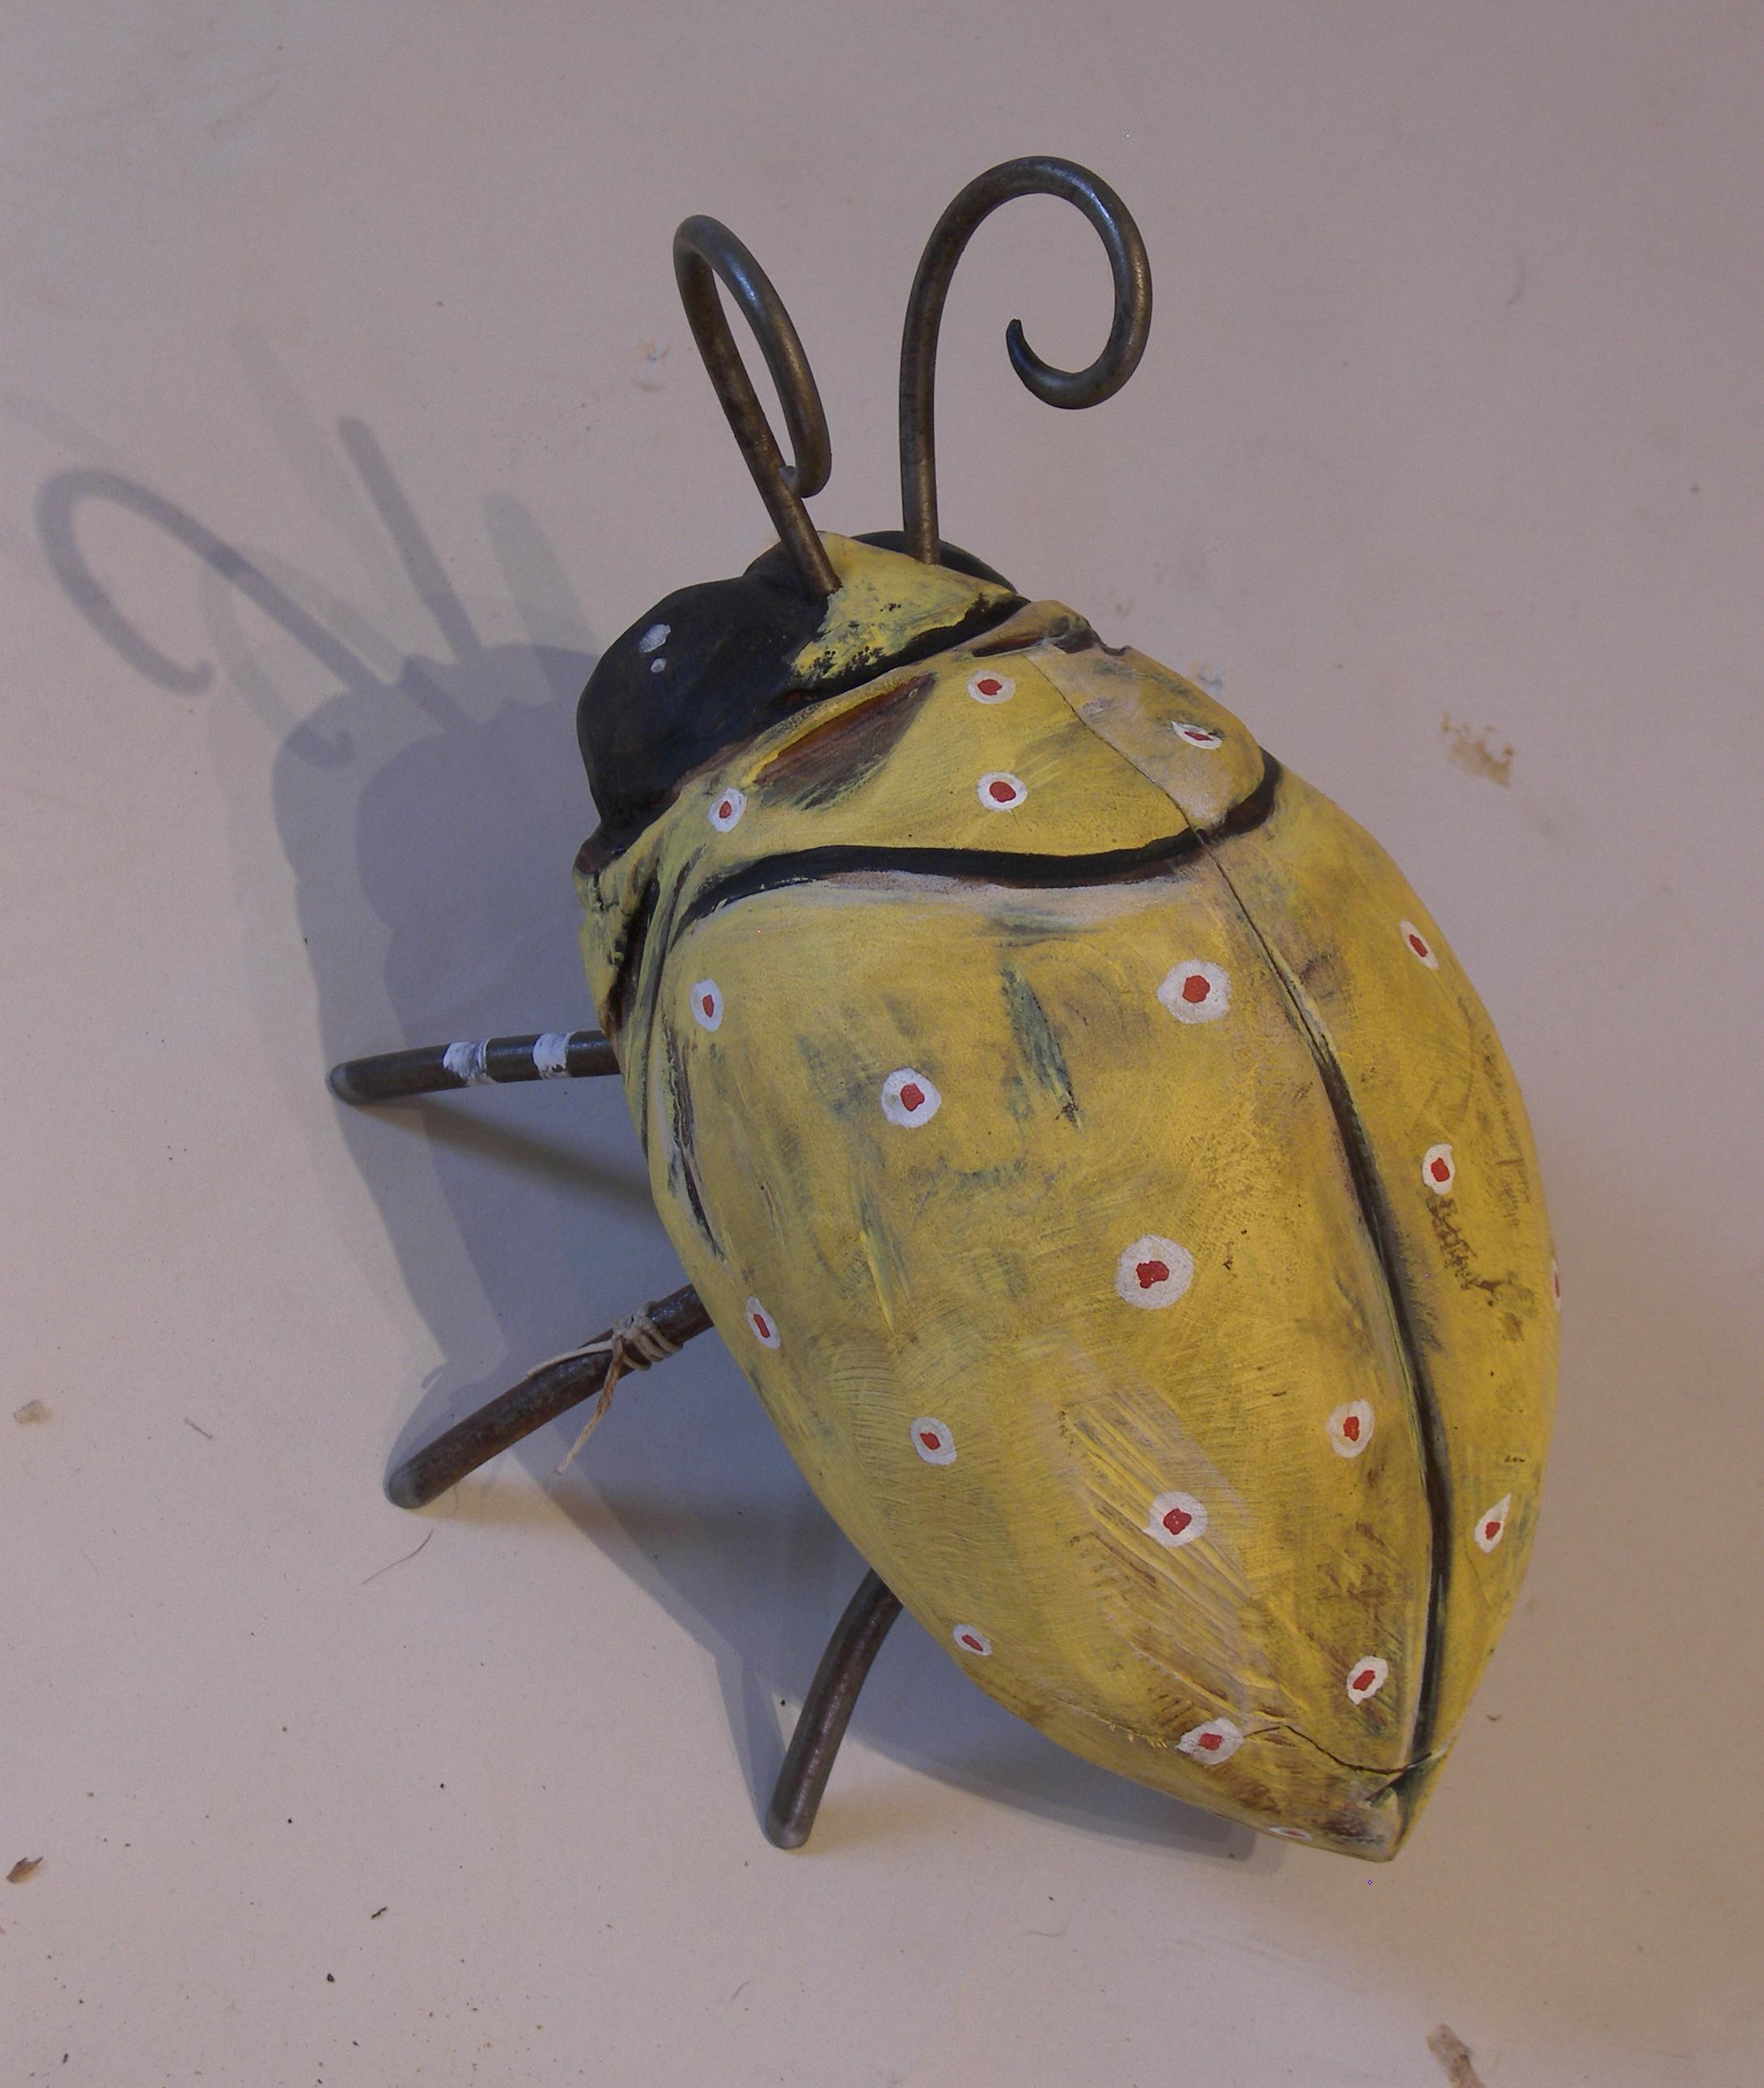 yellowbug3.jpg